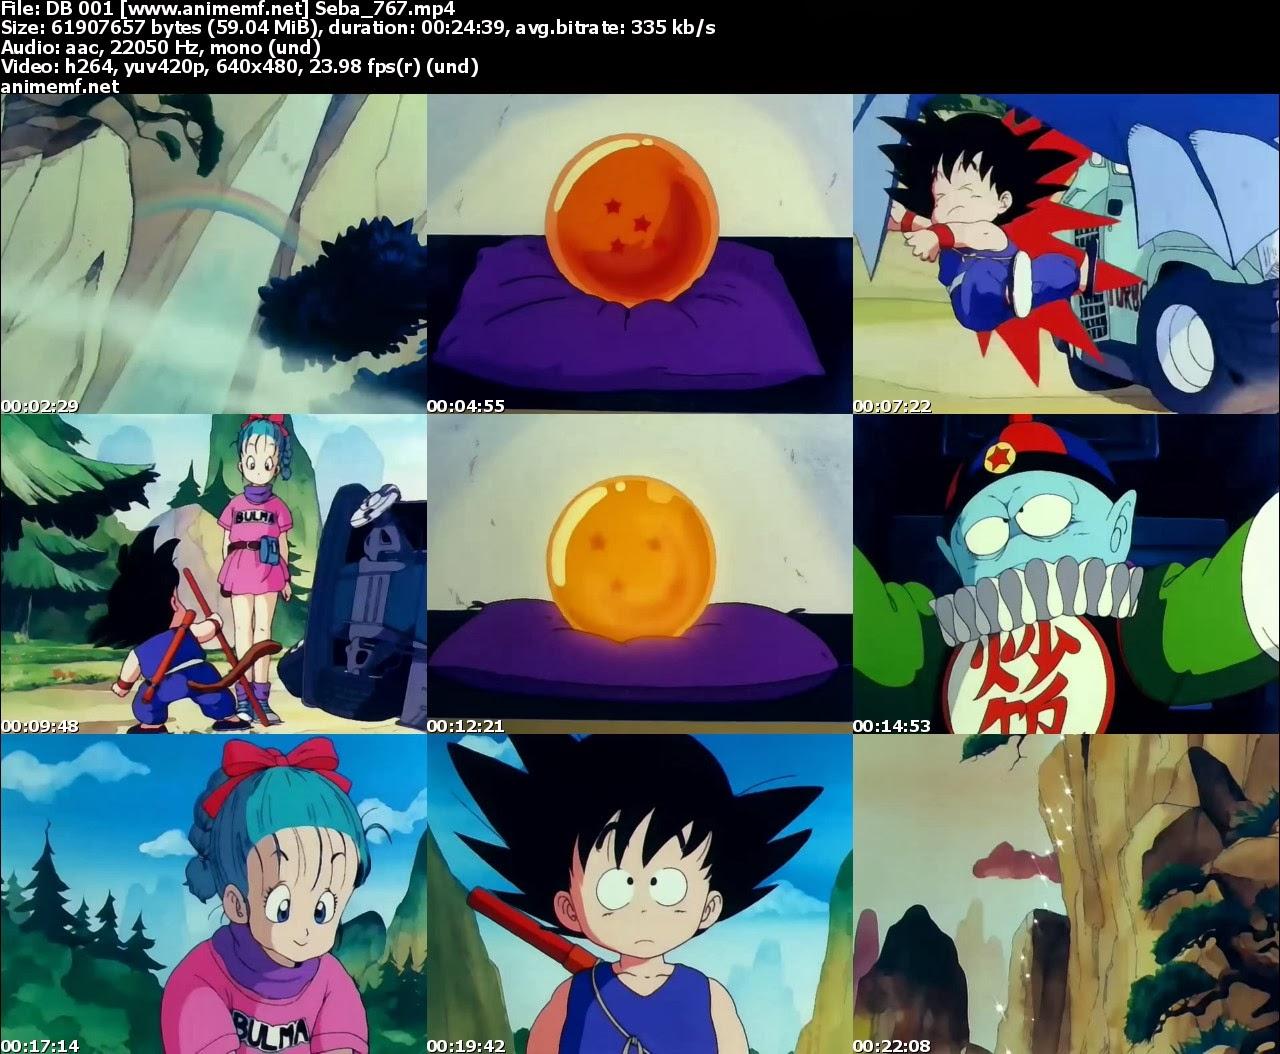 dragon ball, goku, bulma, torneo artes marciales duelo, shen long descargar capitulos episodios completo latino